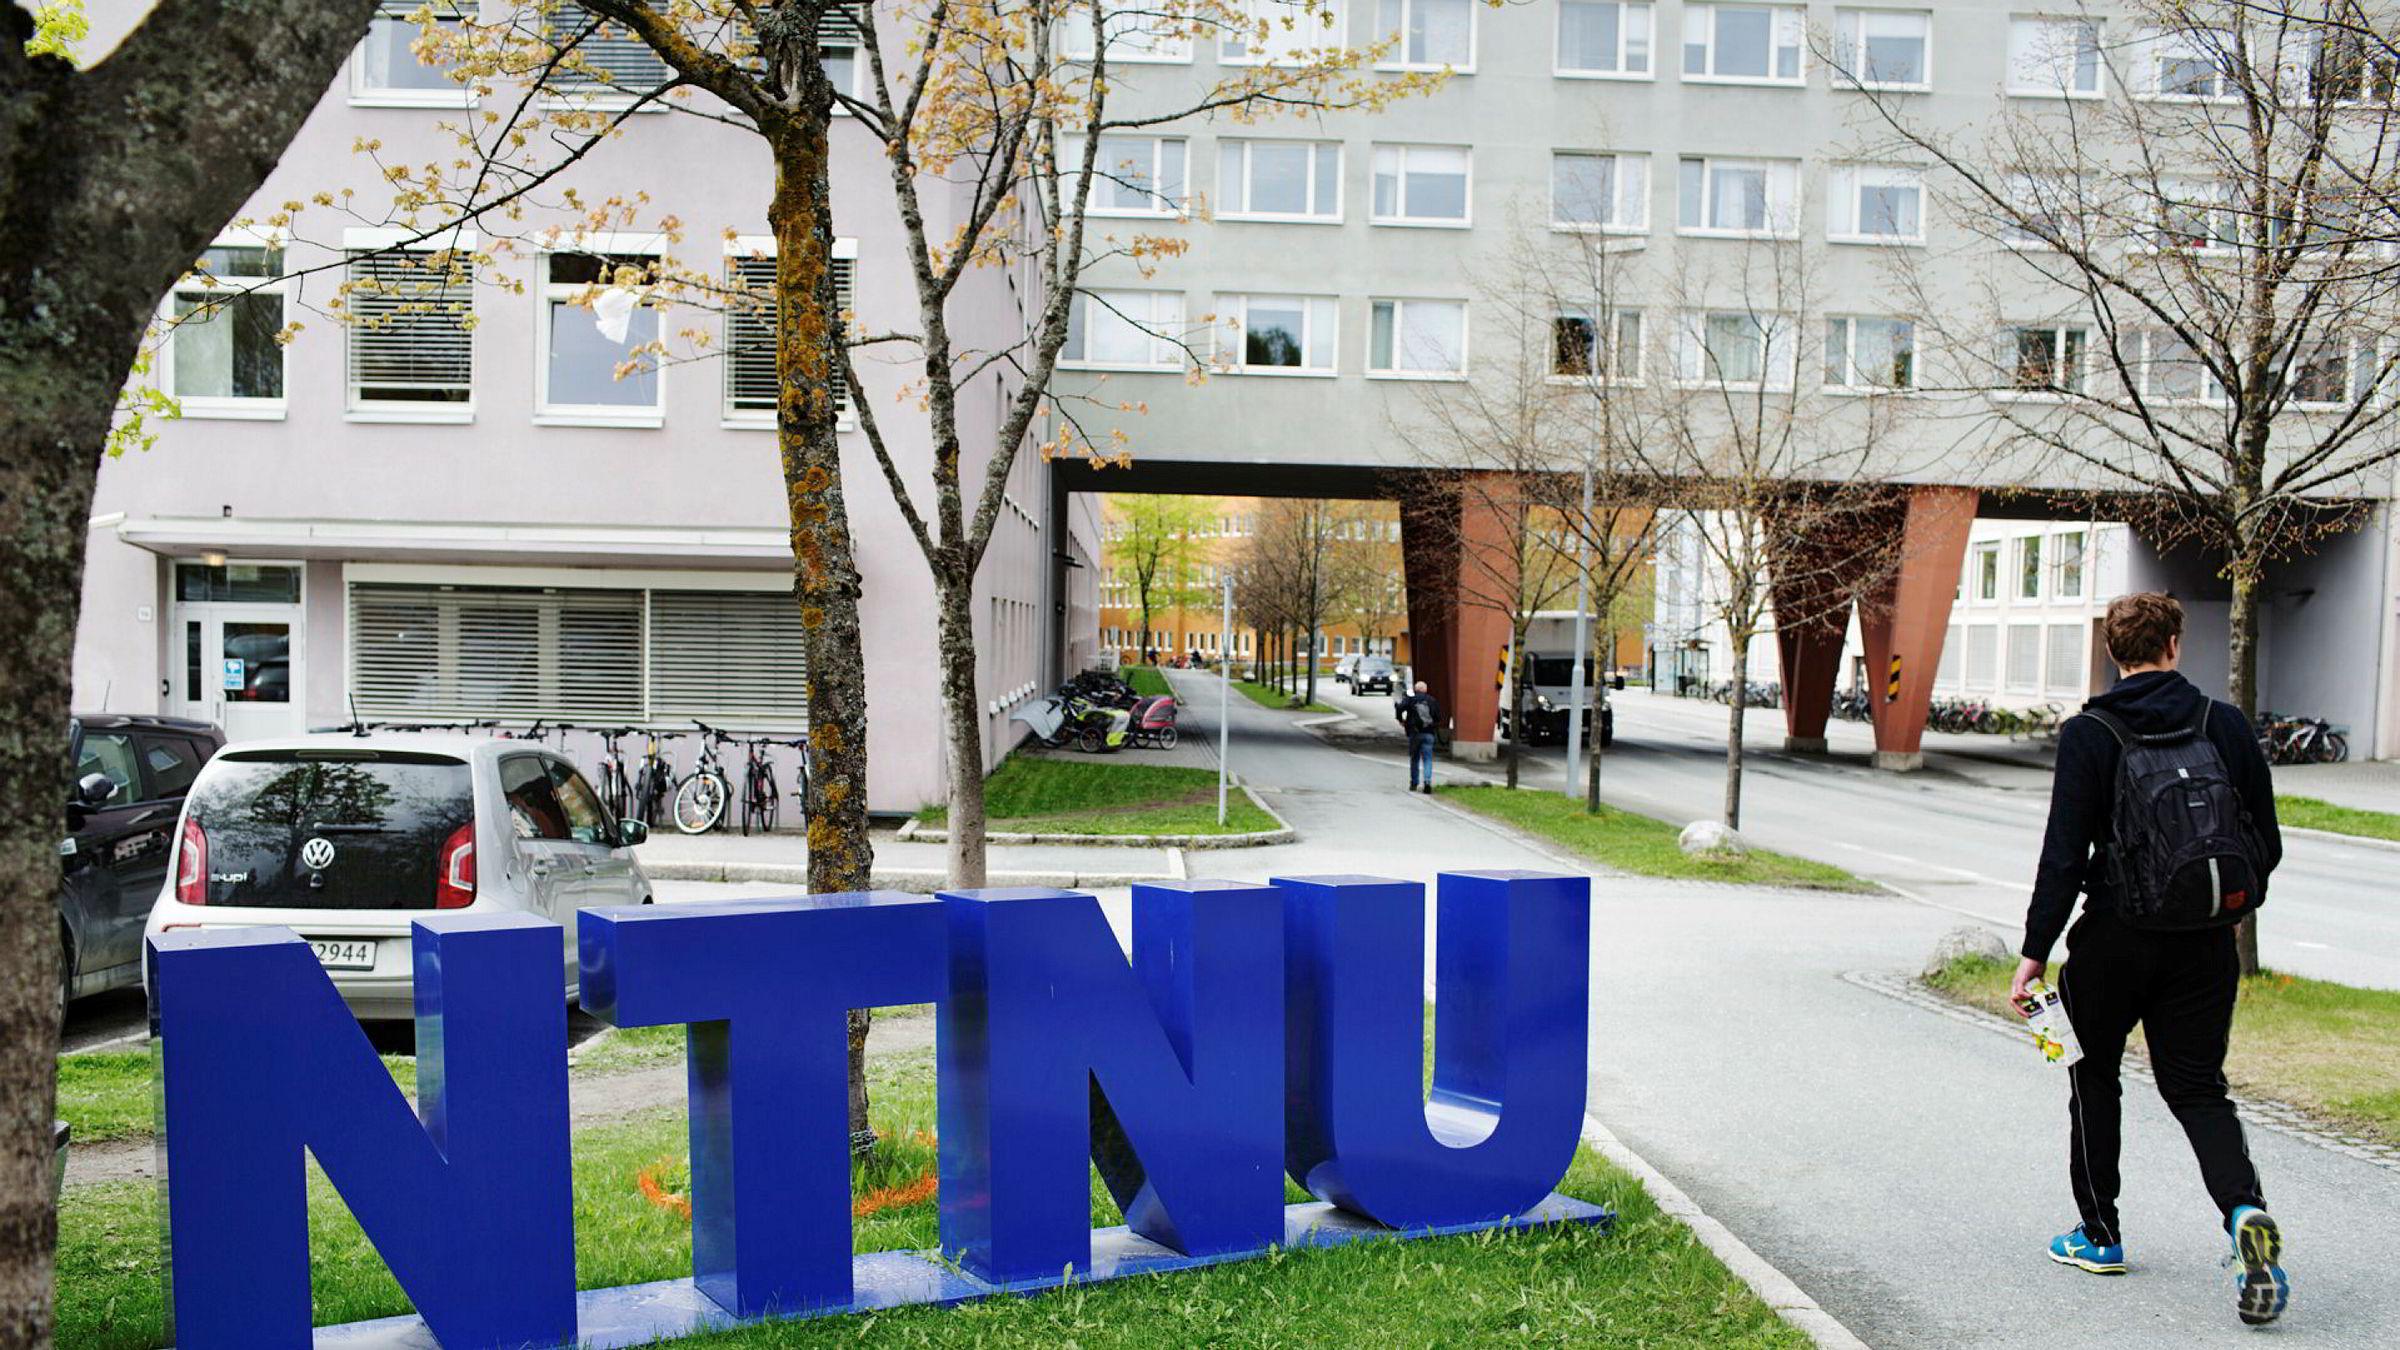 I DNs søketjeneste kan du enkelt finne opptakskrav («karaktersnitt») og ventelister på alle studiene Samordna opptak administrerer. Bildet er fra NTNUs Gløshaugen-campus i Trondheim.